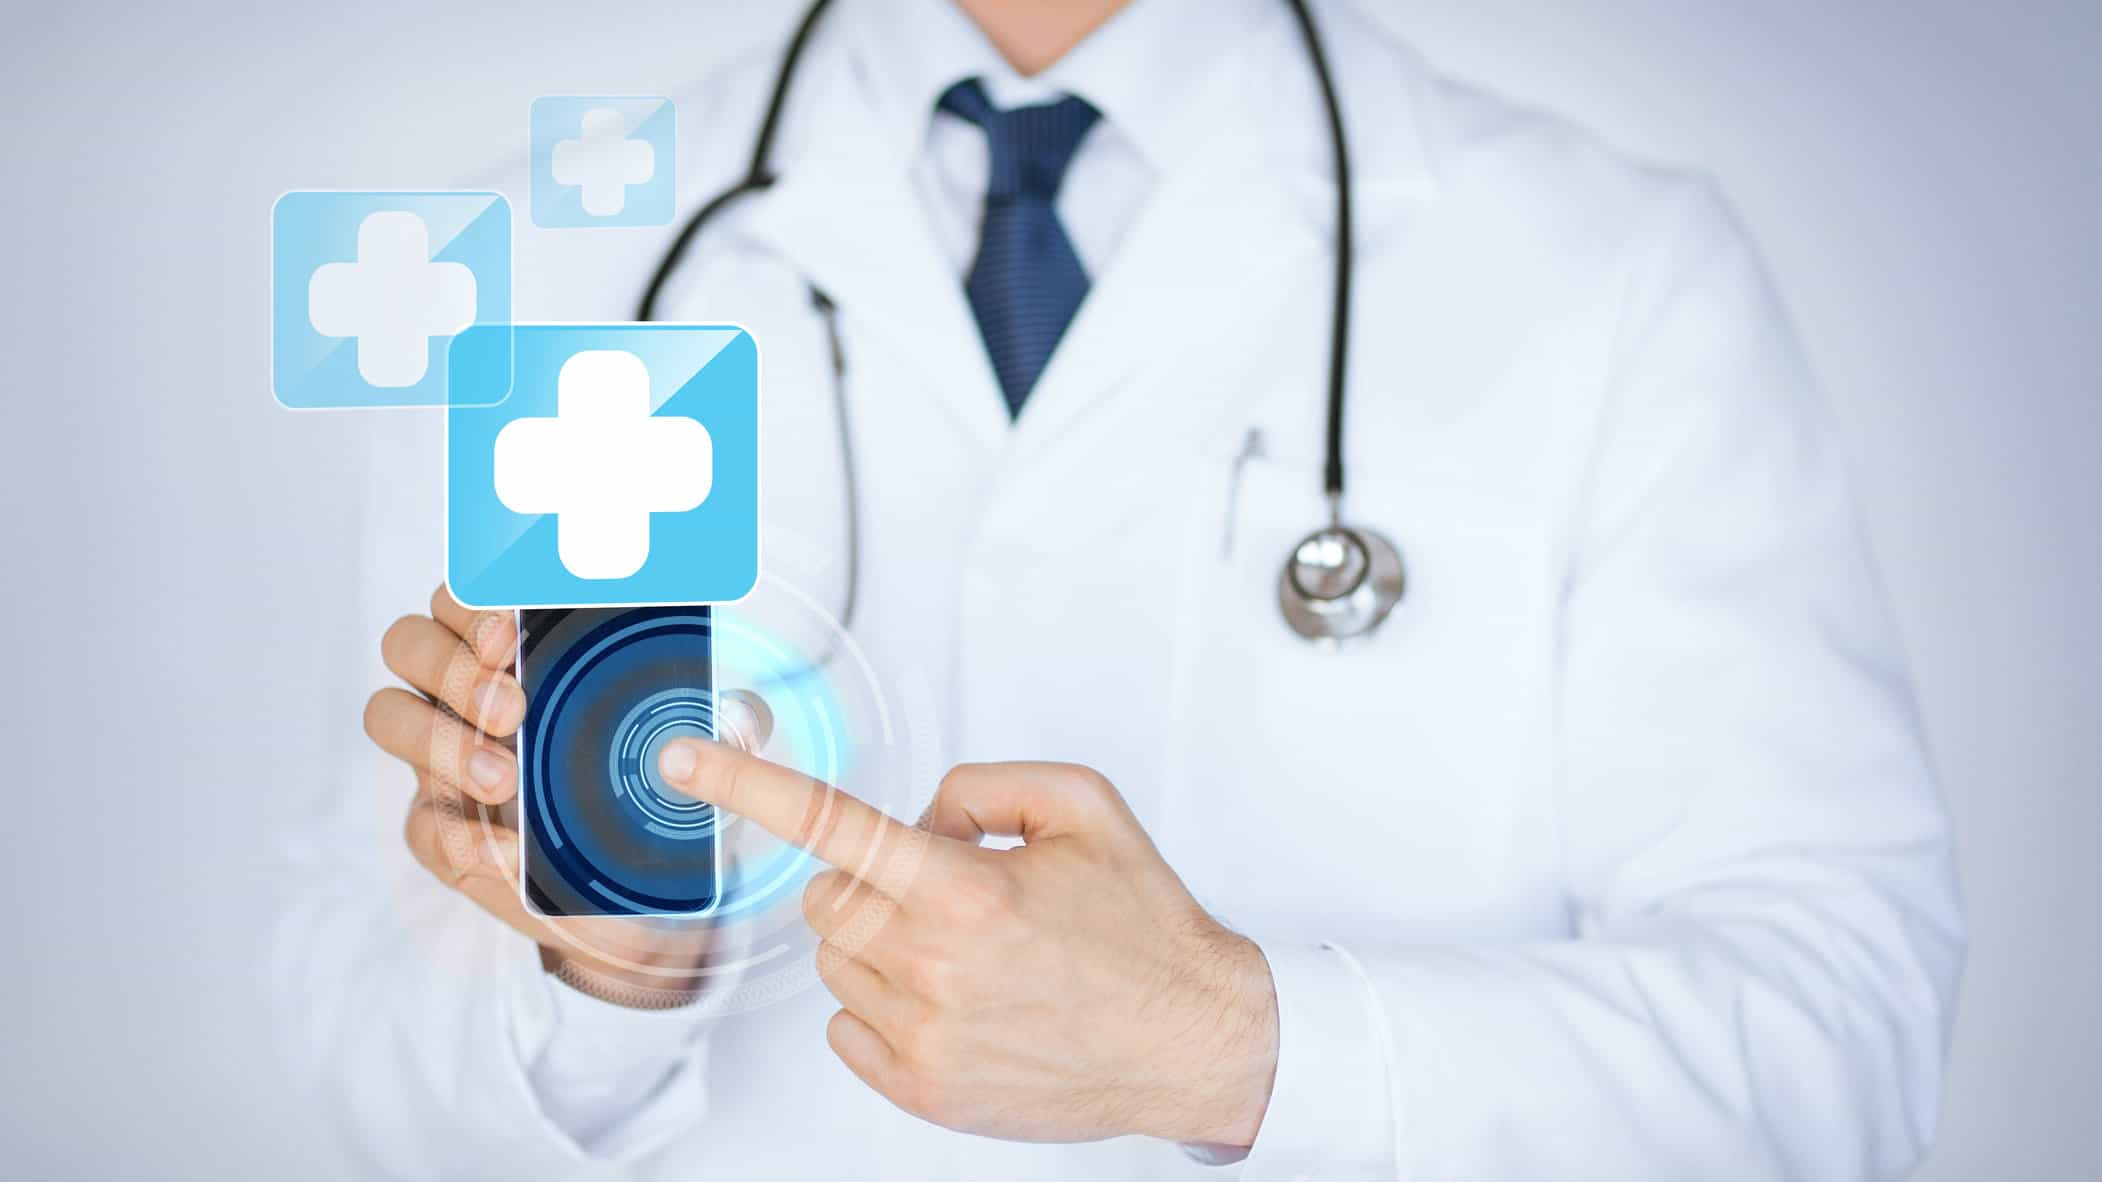 medical app, medical, healthcare, mobile